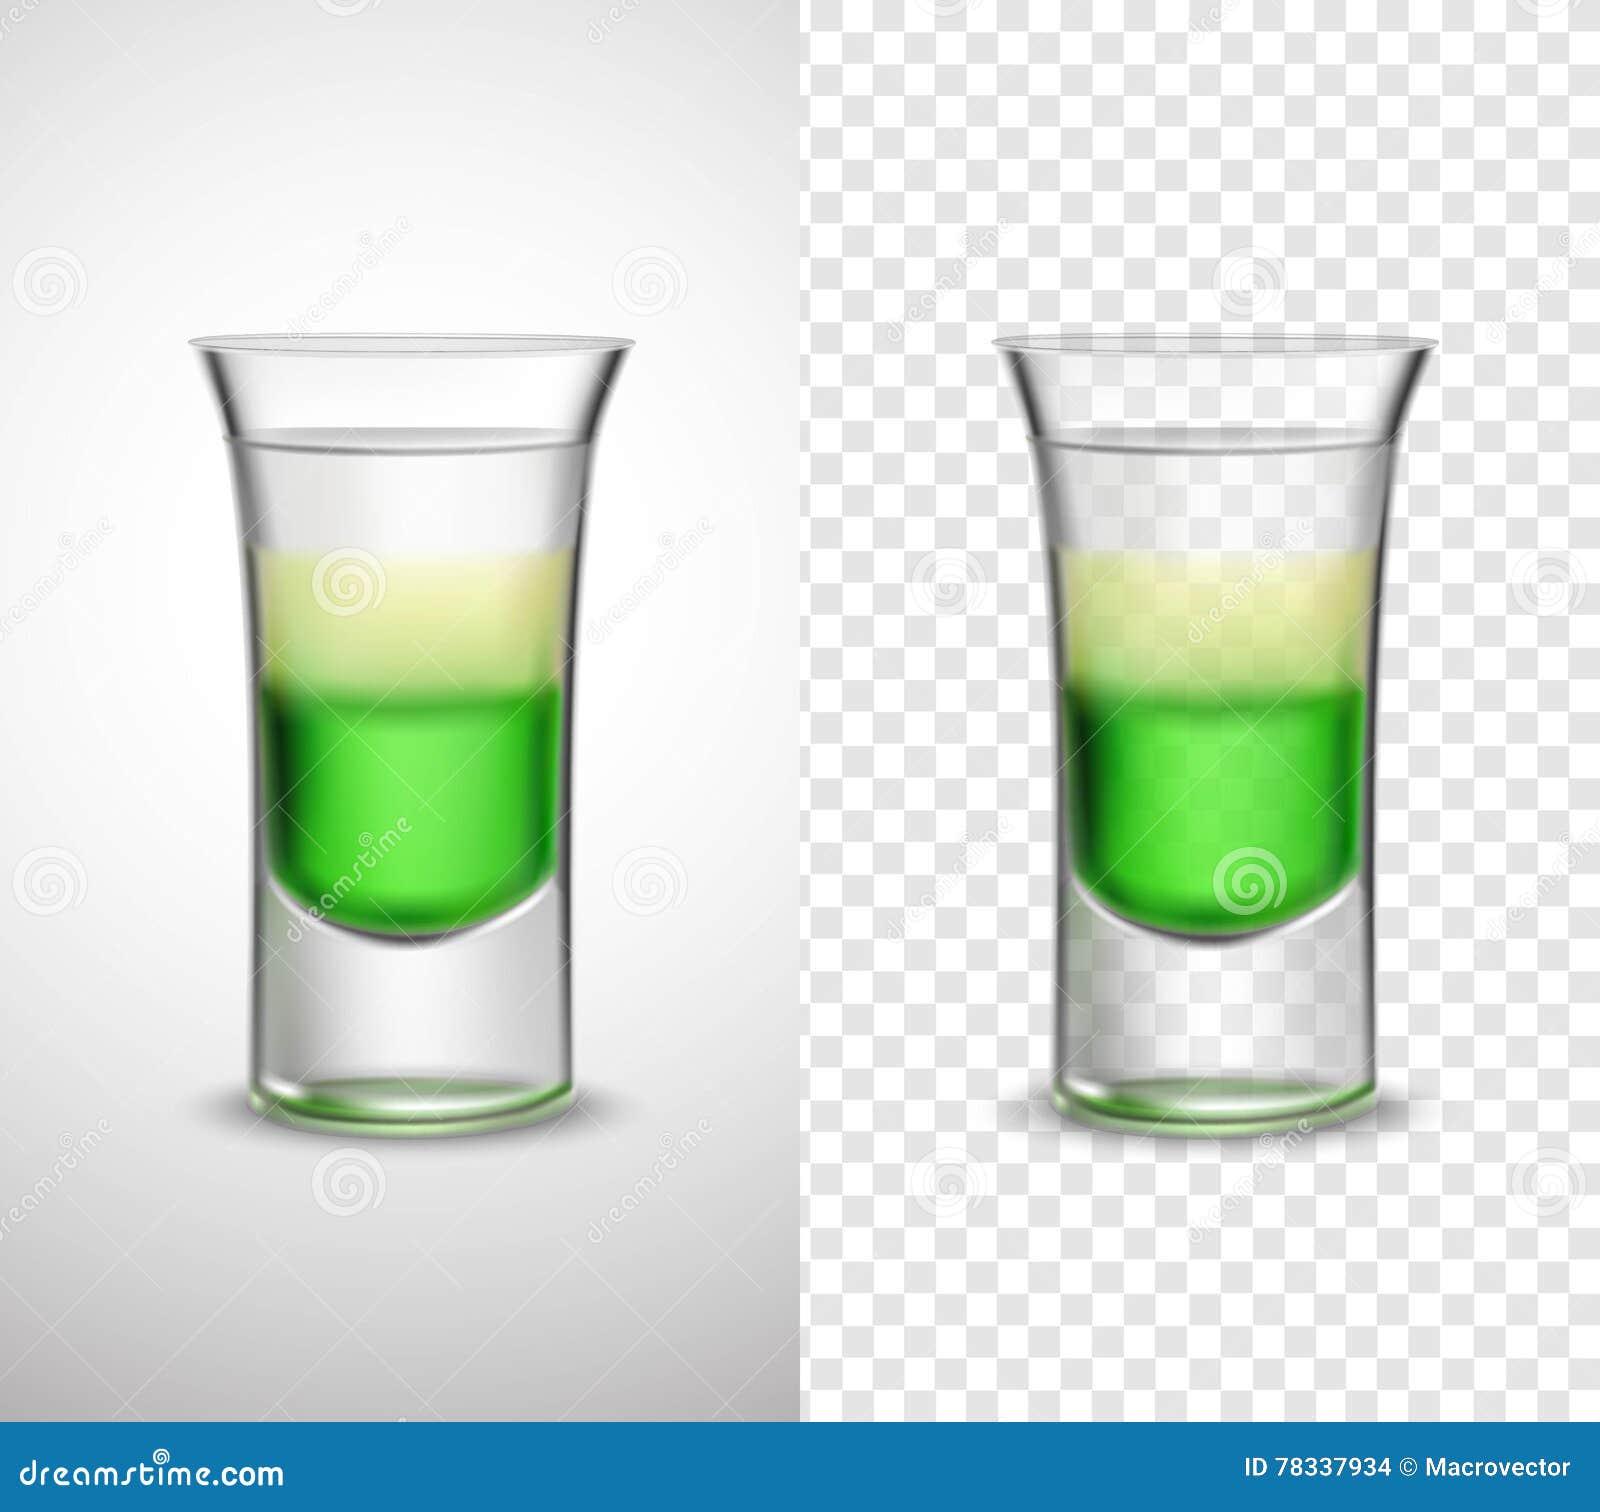 Alkohol-Getränke Färbten Glaswaren-transparente Fahnen Vektor ...